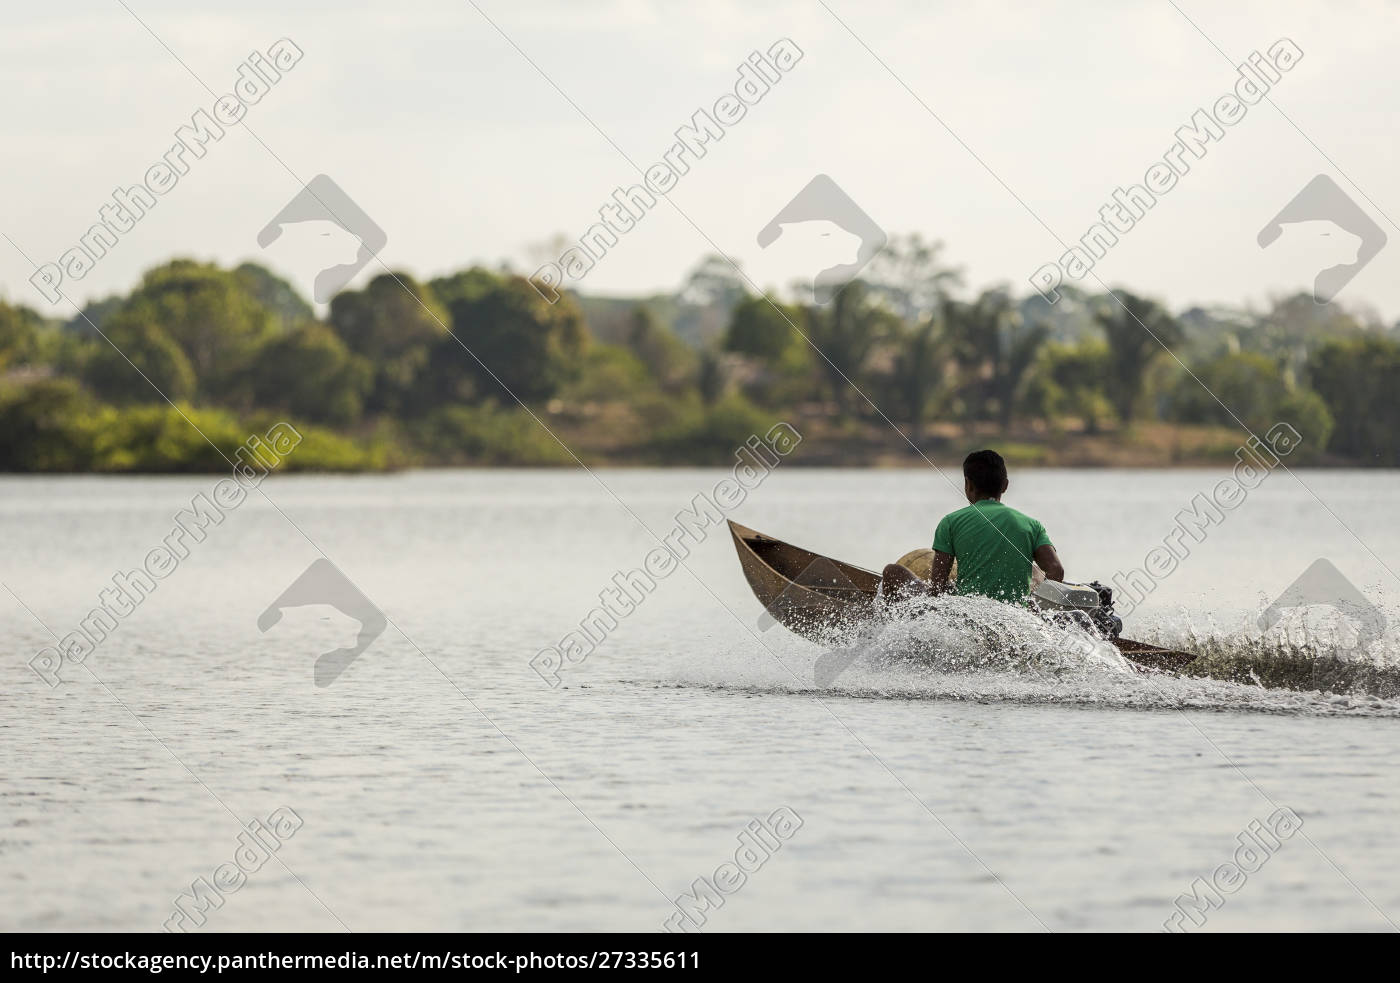 mand, i, en, træ, motoriseret, kano - 27335611